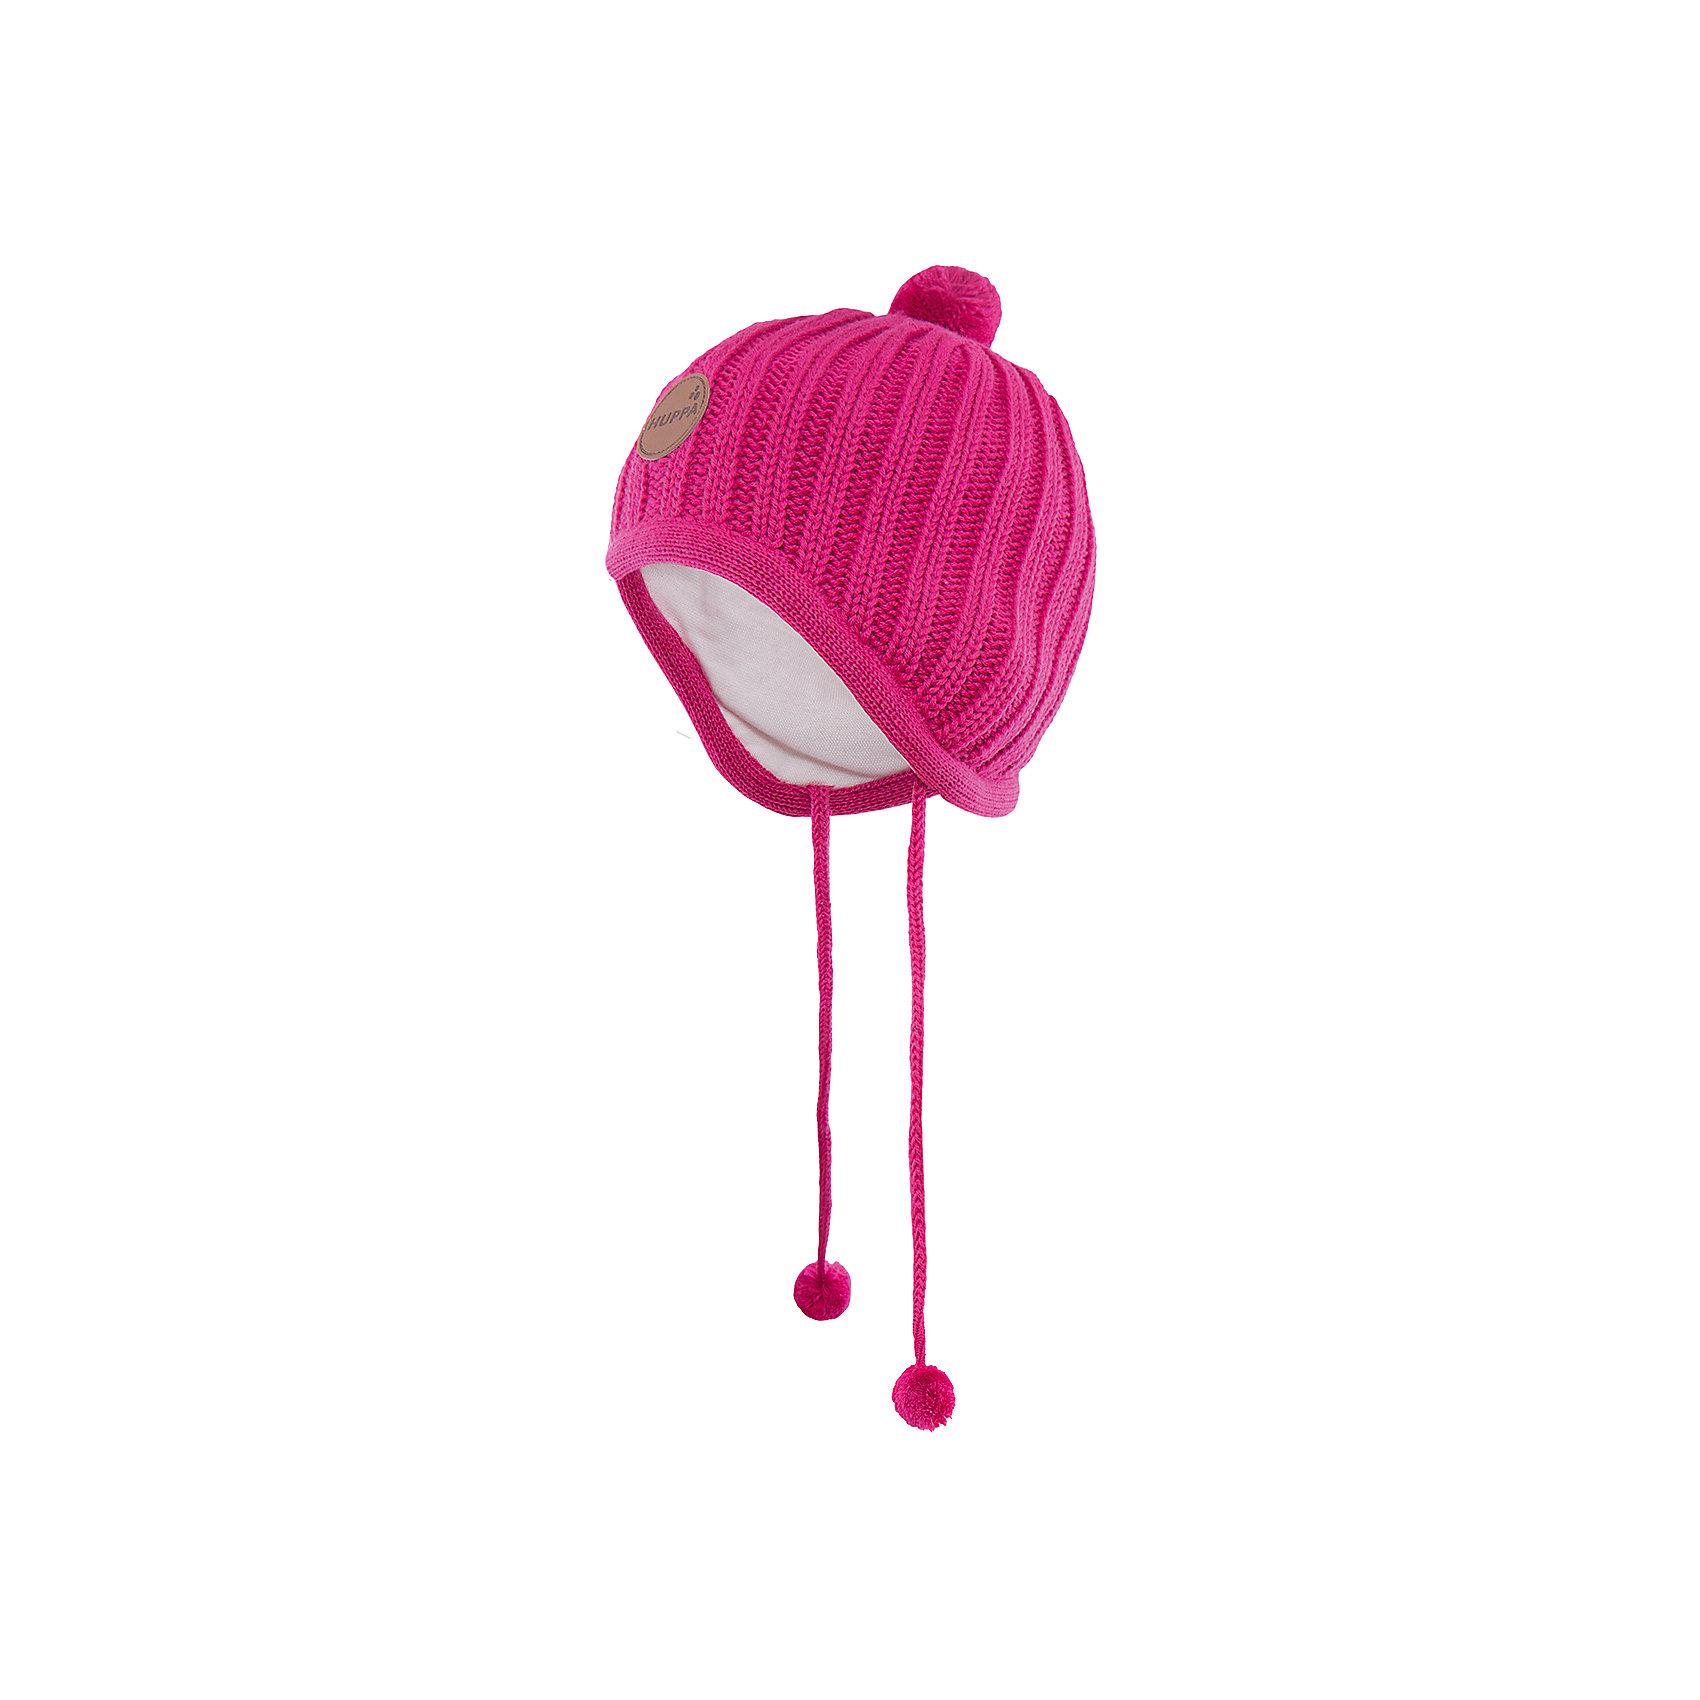 Шапка  HuppaГоловные уборы<br>Вязаная шапка JAKOB Huppa(Хуппа) с подкладкой из хлопка изготовлена из мериносовой шерсти и акрила. Шапку удобно носить, благодаря вязке резинкой.  С помощью лент с помпонами вы сможете завязать шапку, чтобы уши ребенка оставались в тепле. Модель украшена помпонами и эмблемой марки.<br><br>Дополнительная информация:<br>Материал: 100% акрил<br>Подкладка: 100% хлопок<br>Цвет: фуксия<br><br>Вы можете приобрести шапку JAKOB Huppa(Хуппа) в нашем интернет-магазине.<br><br>Ширина мм: 89<br>Глубина мм: 117<br>Высота мм: 44<br>Вес г: 155<br>Цвет: розовый<br>Возраст от месяцев: 9<br>Возраст до месяцев: 12<br>Пол: Женский<br>Возраст: Детский<br>Размер: 43-45,51-53,47-49,39-43<br>SKU: 4923812